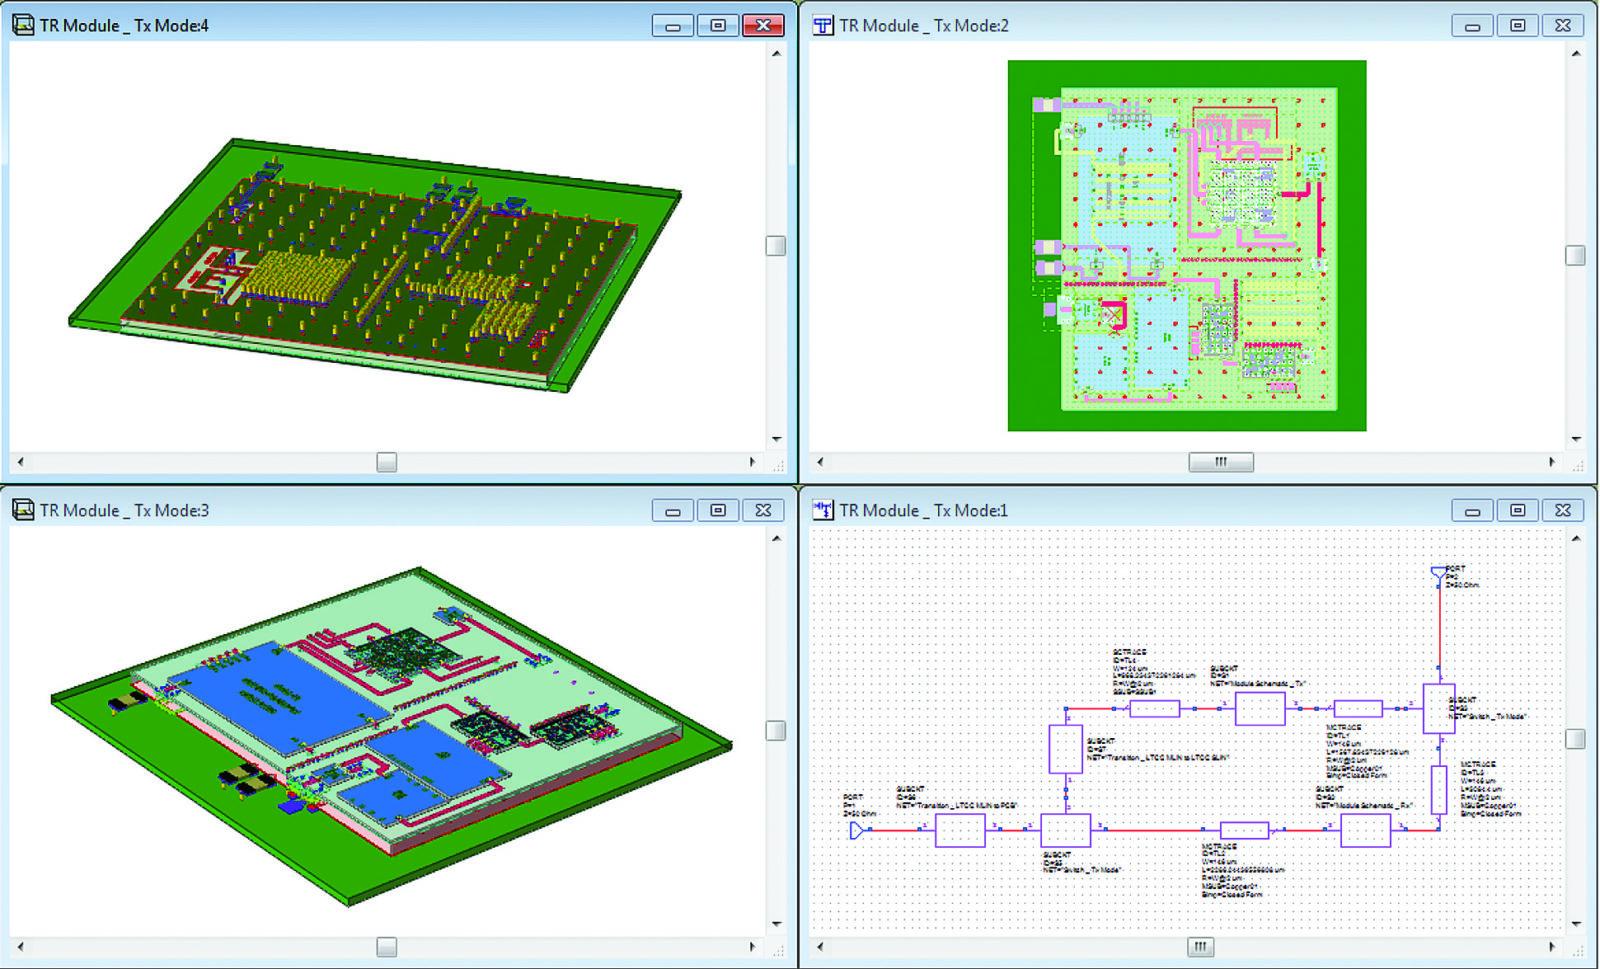 Схема и топология модуля с перемычками и заземлениями